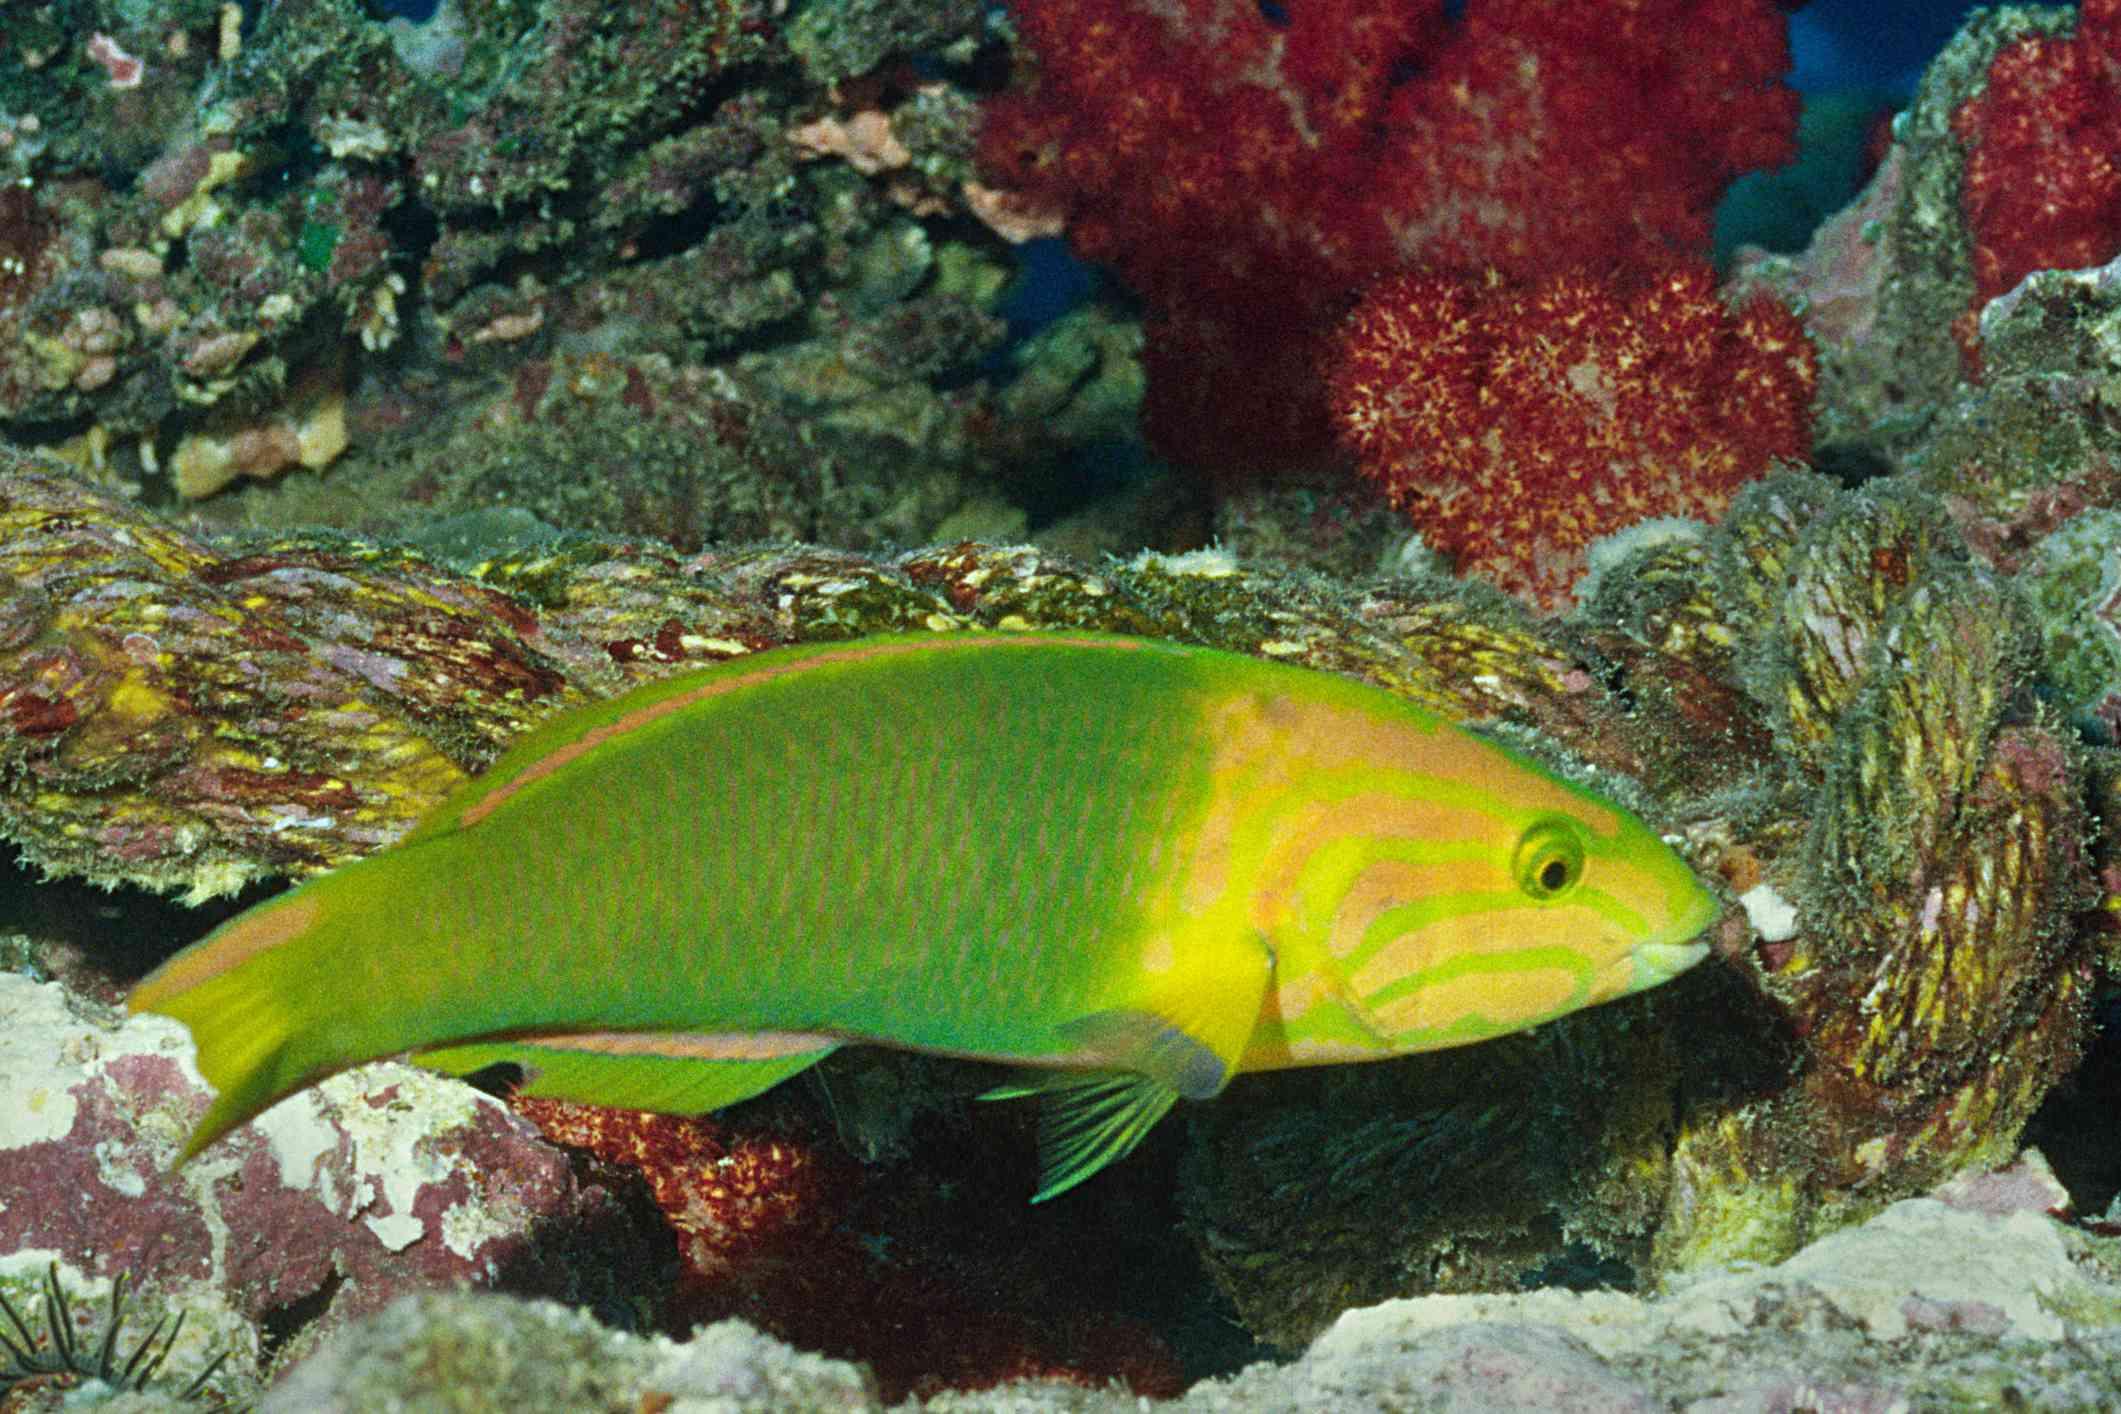 Banana wrasse in coral